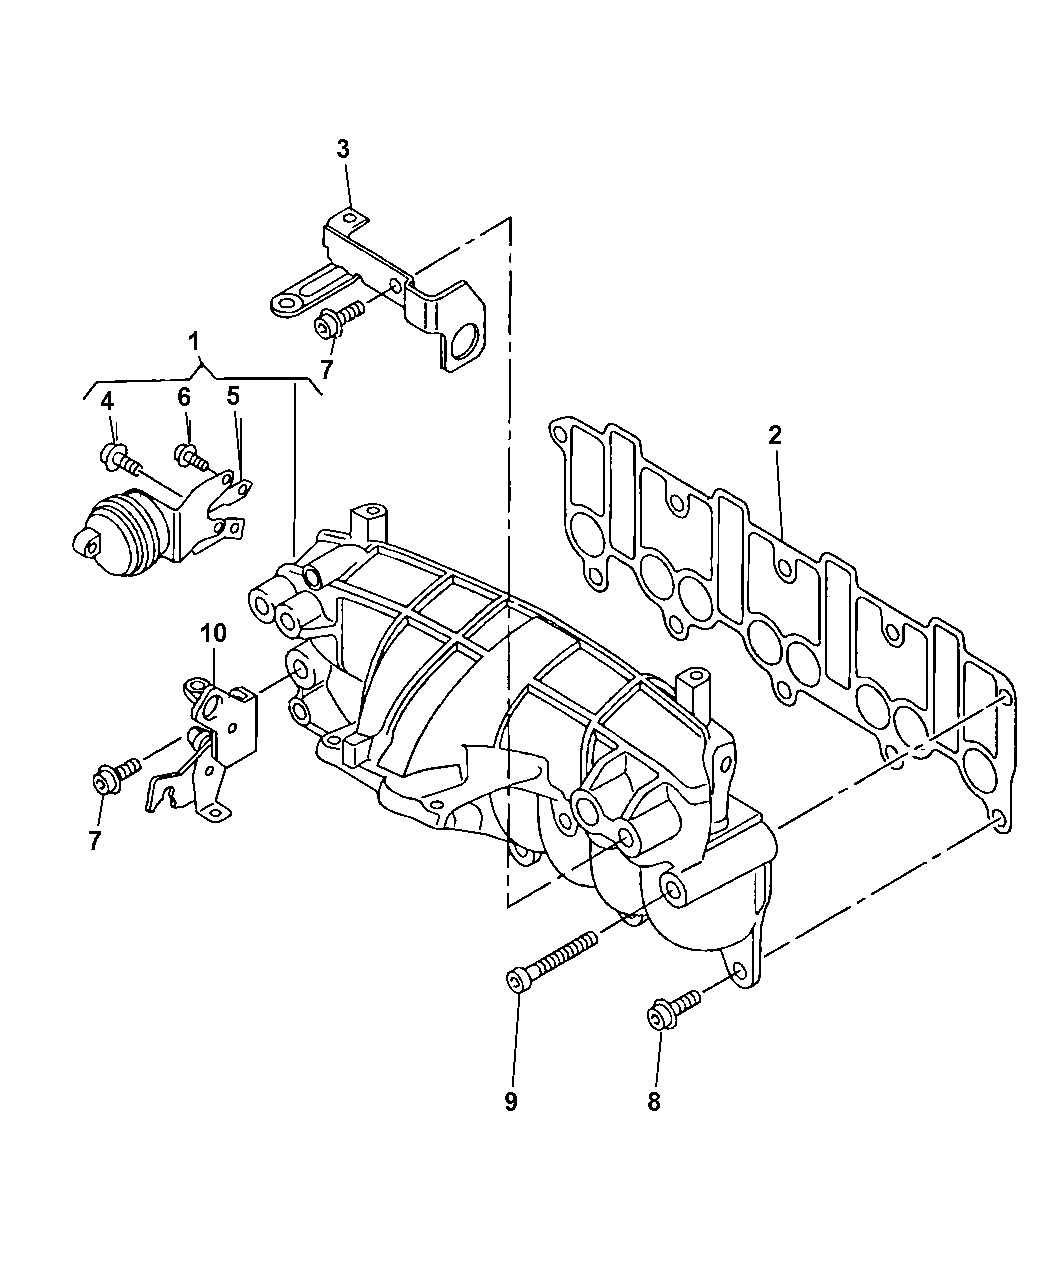 2009 Jeep Patriot Intake Manifold - Thumbnail 2